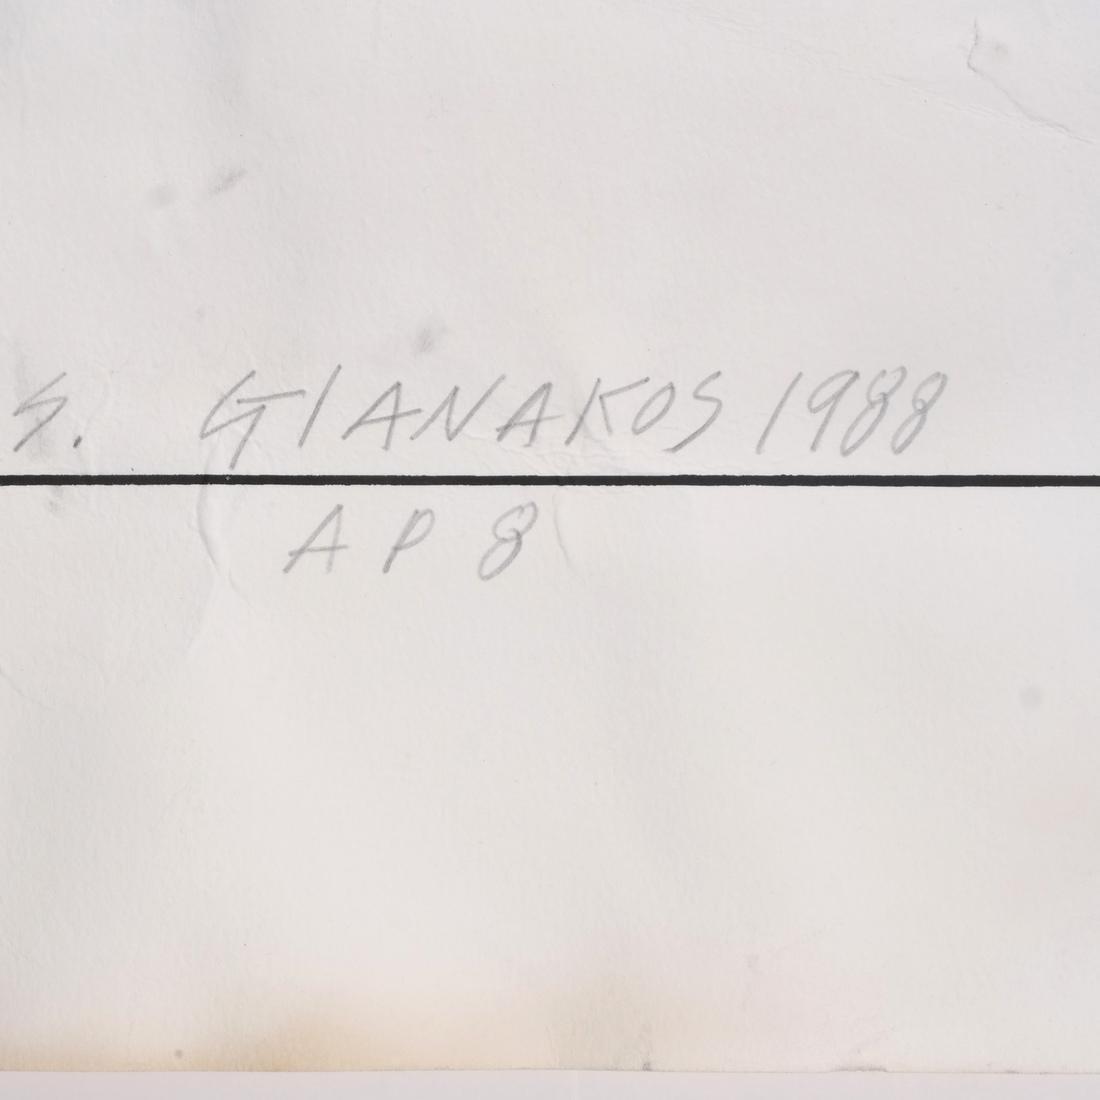 Steve Gianakos Litho, Signed A/P 1988 - 7